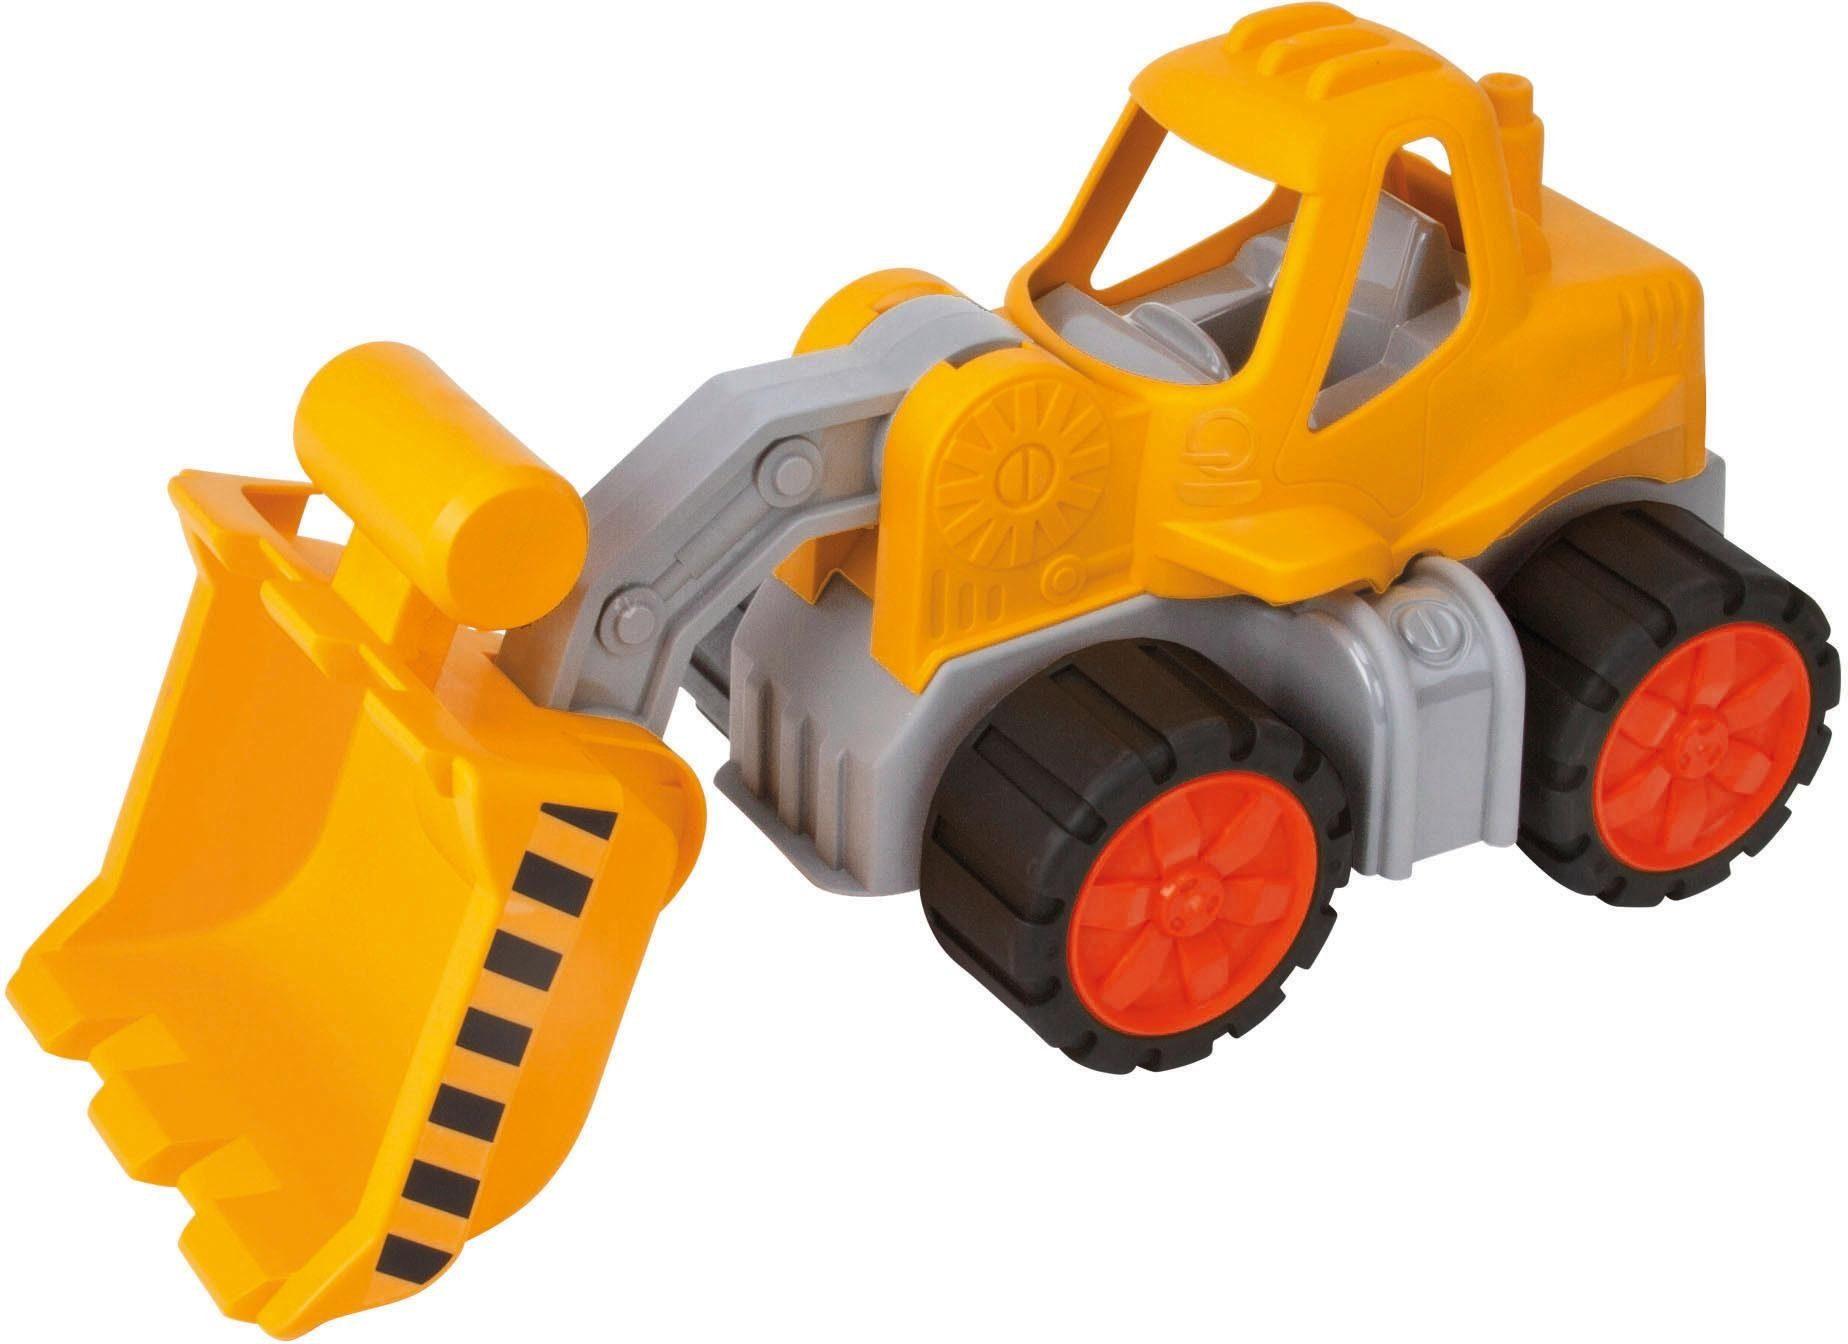 """BIG Spielzeug-Radlader """"BIG Power Worker Radlader"""" Technik & Freizeit/Spielzeug/Altersempfehlung/Ab 2 Jahren"""